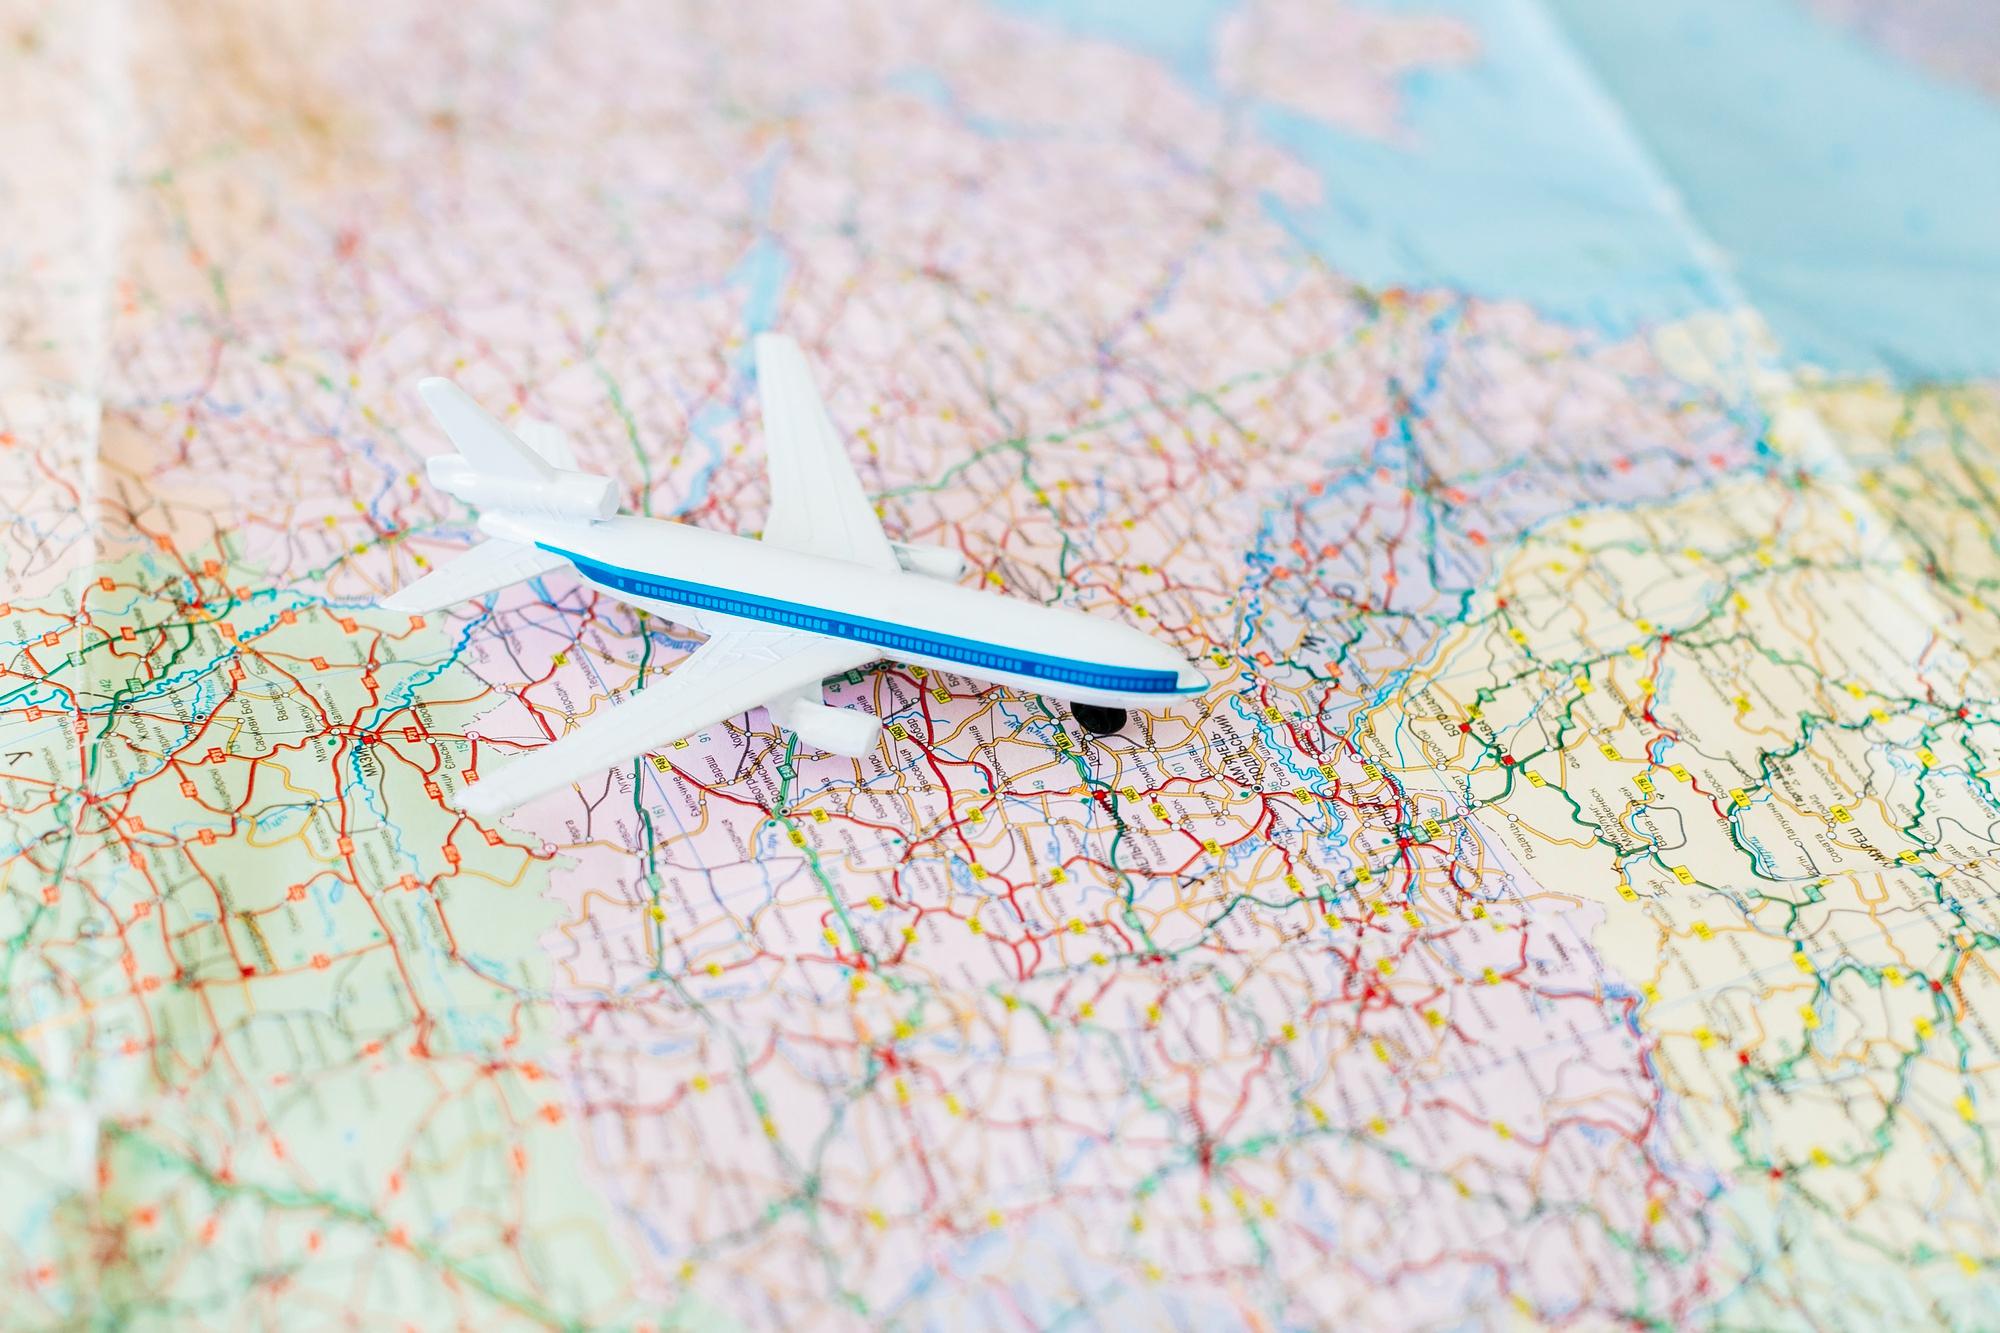 aviao-com-intercambistas-em-mapa-mundial